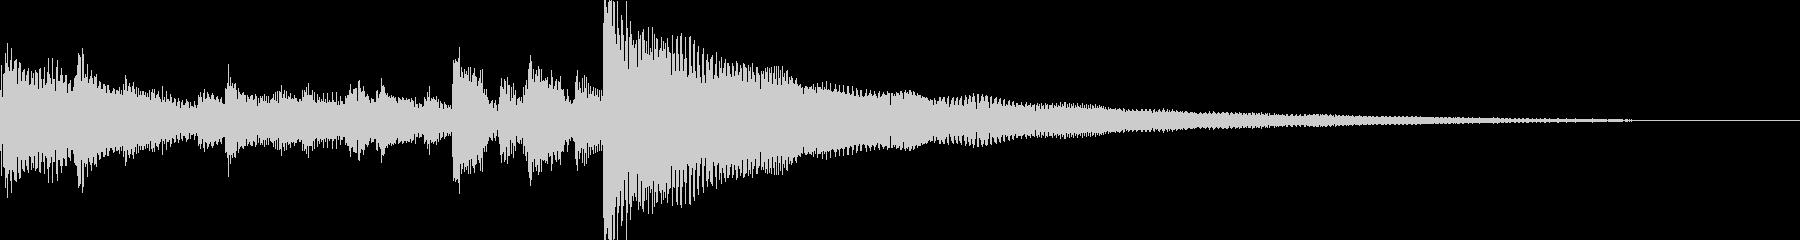 グロッケンシュピールの鐘、アコース...の未再生の波形